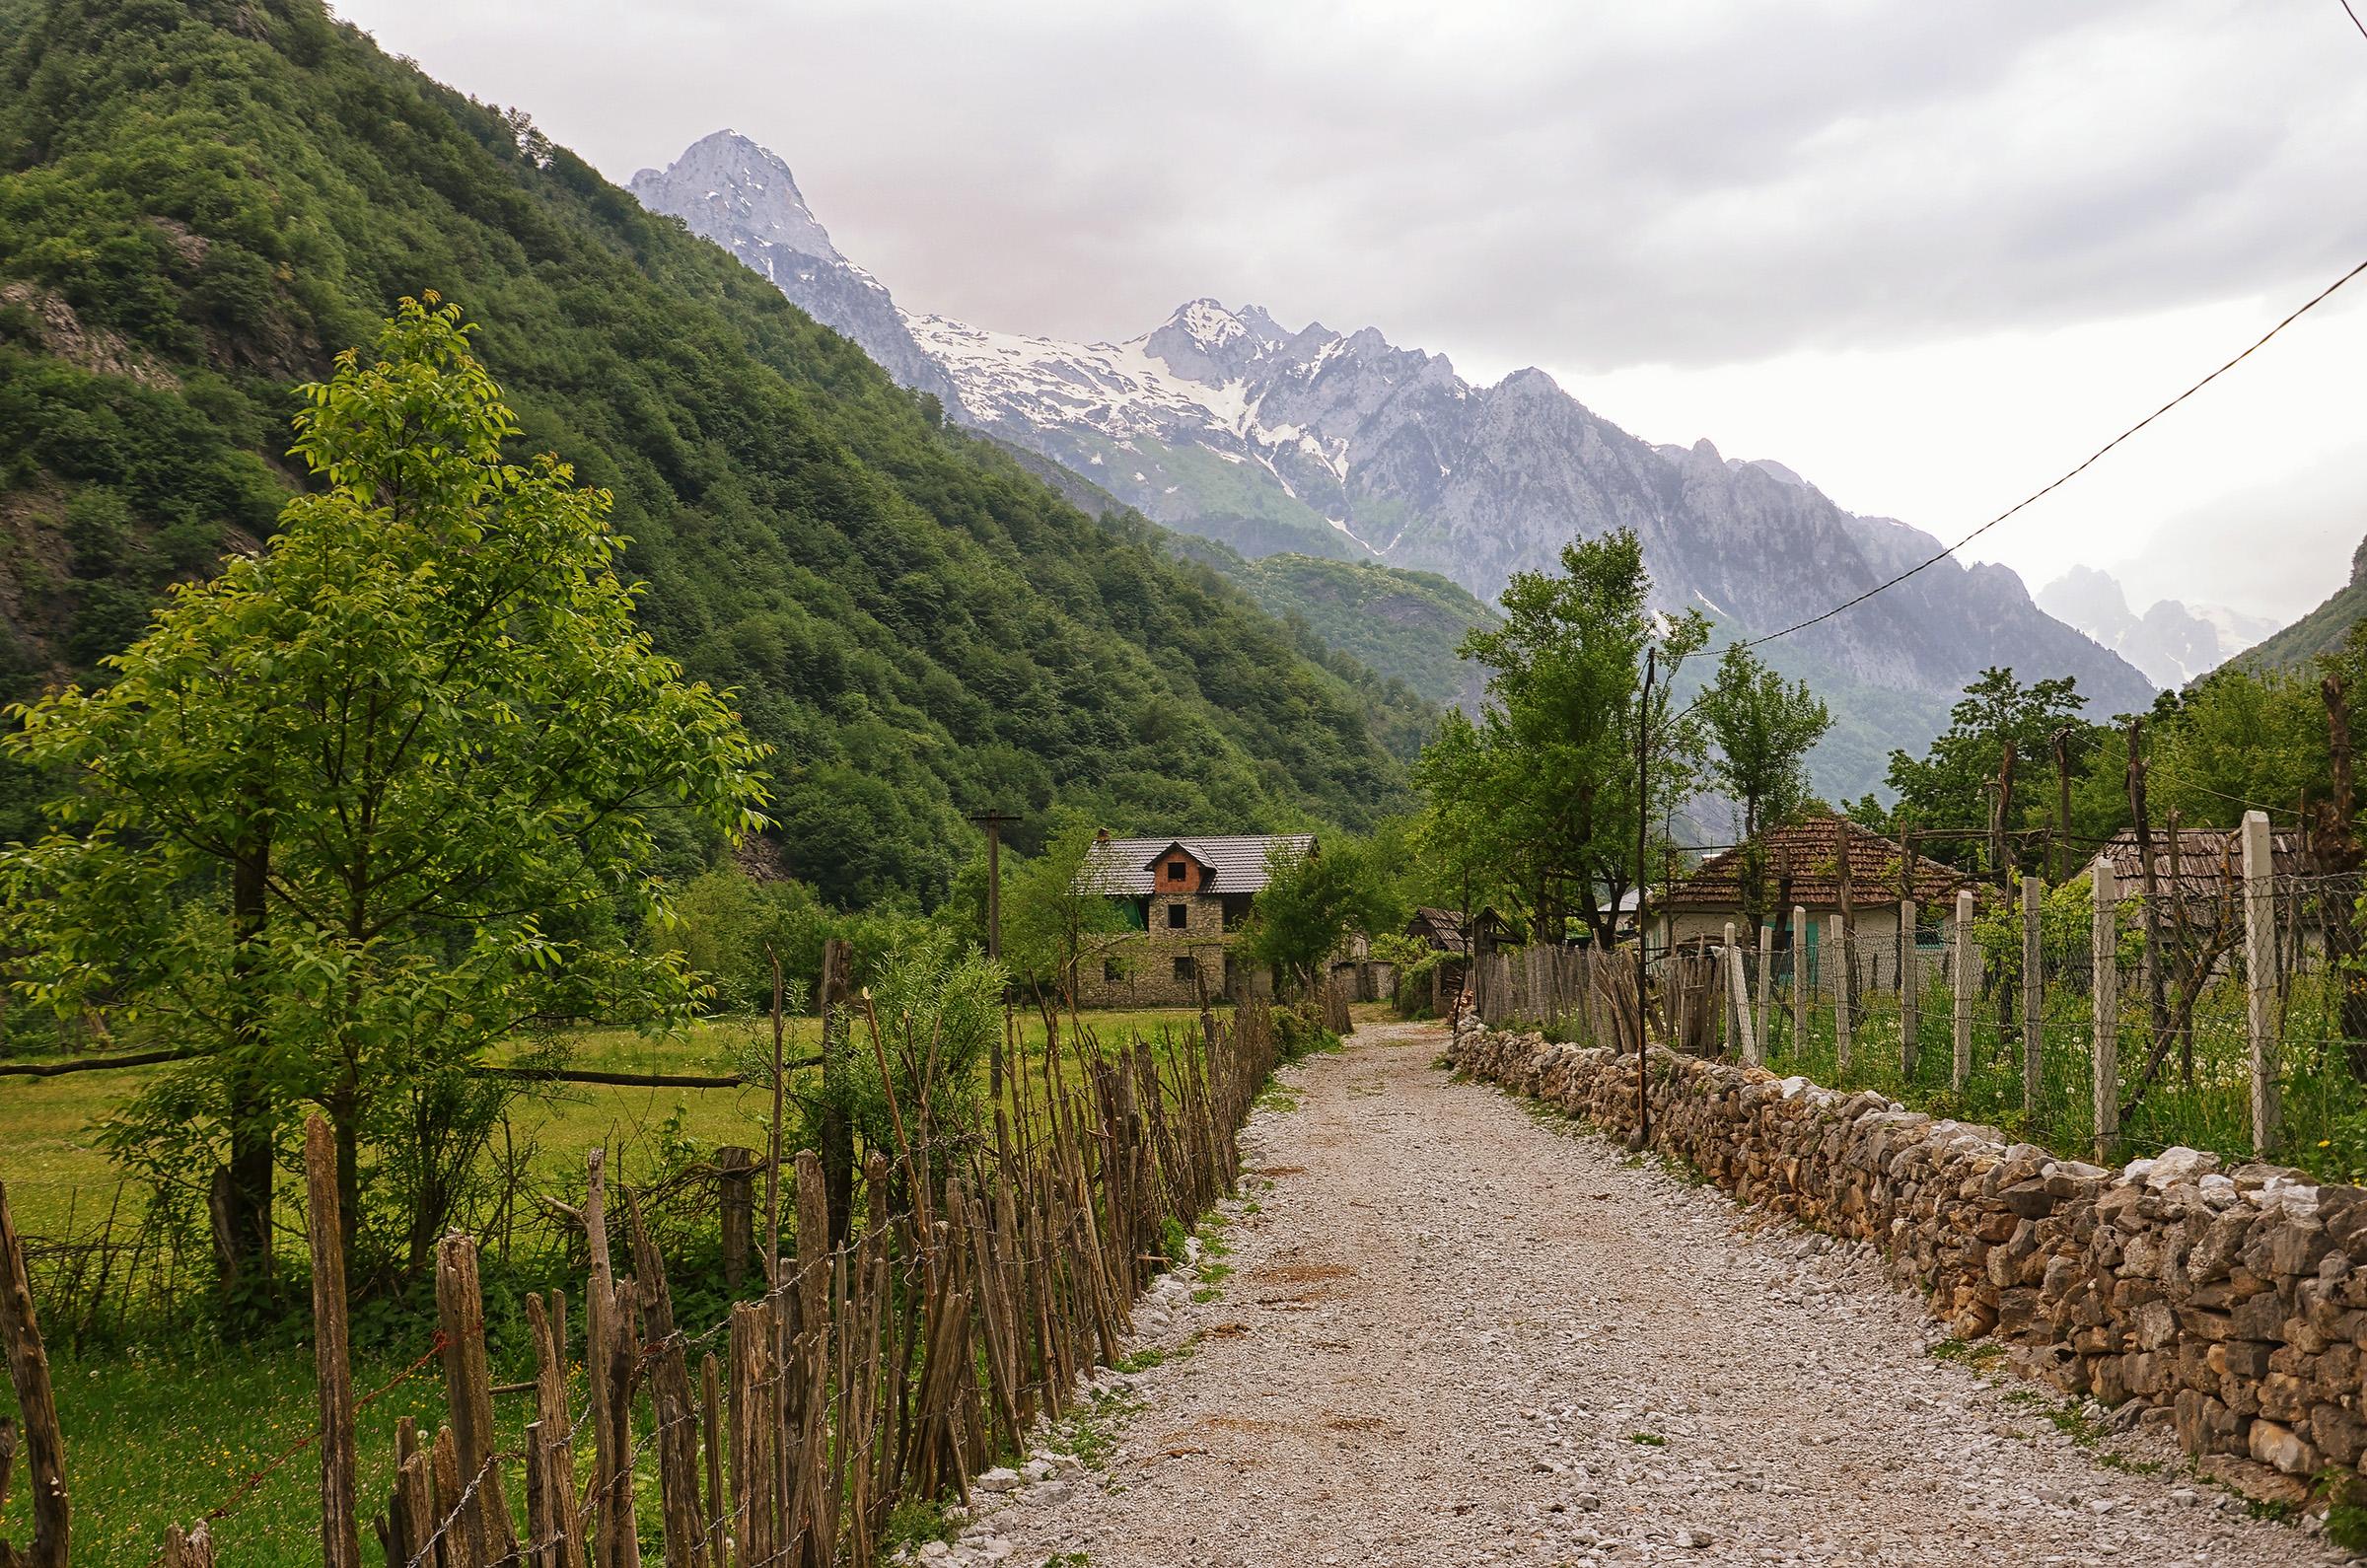 הכפר דרגוביה בצפון אלבניה